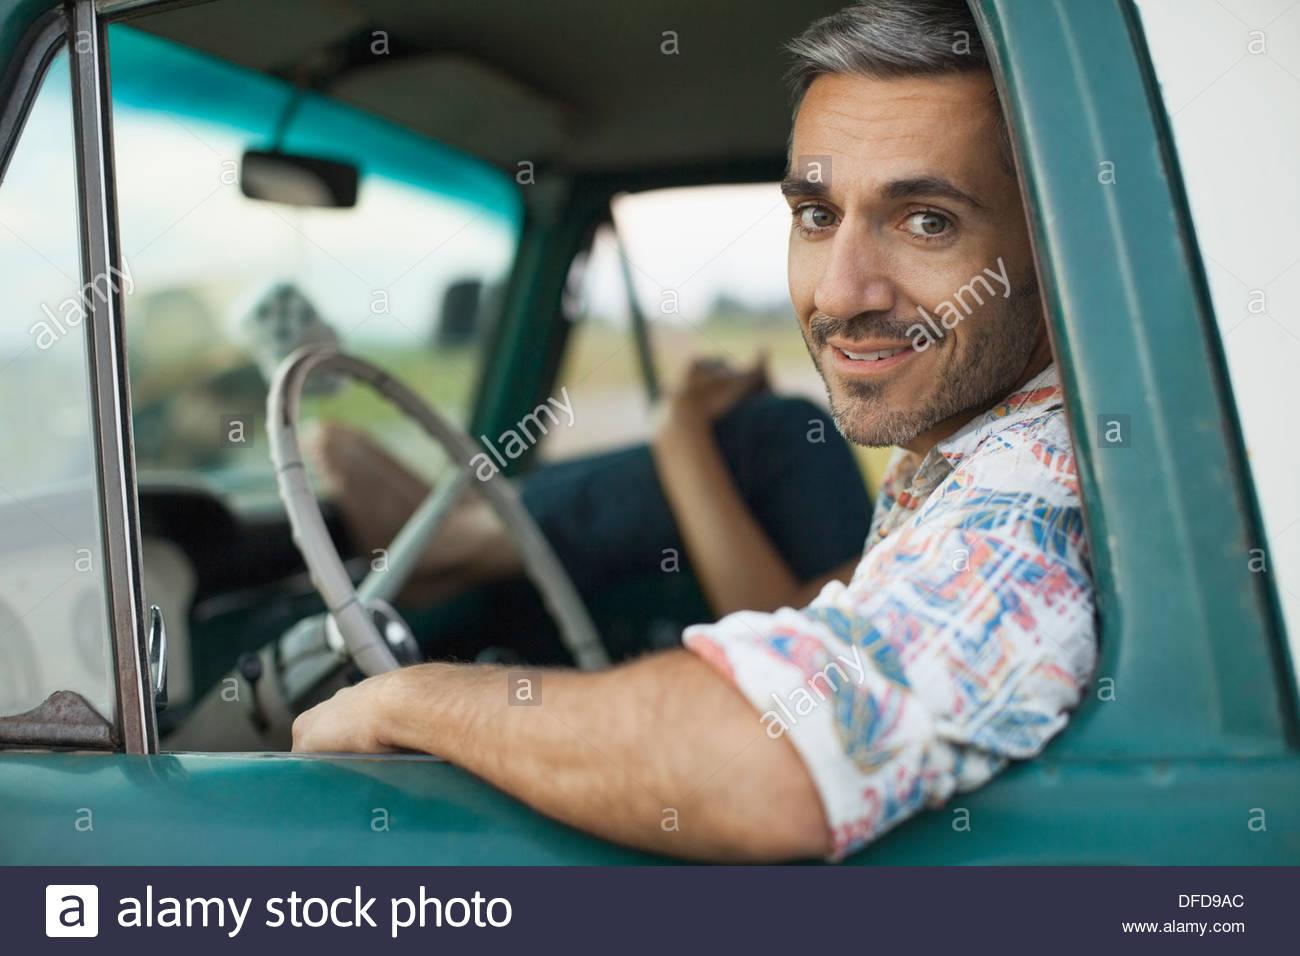 Retrato de mediados del hombre adulto sentado en camioneta pick-up Imagen De Stock